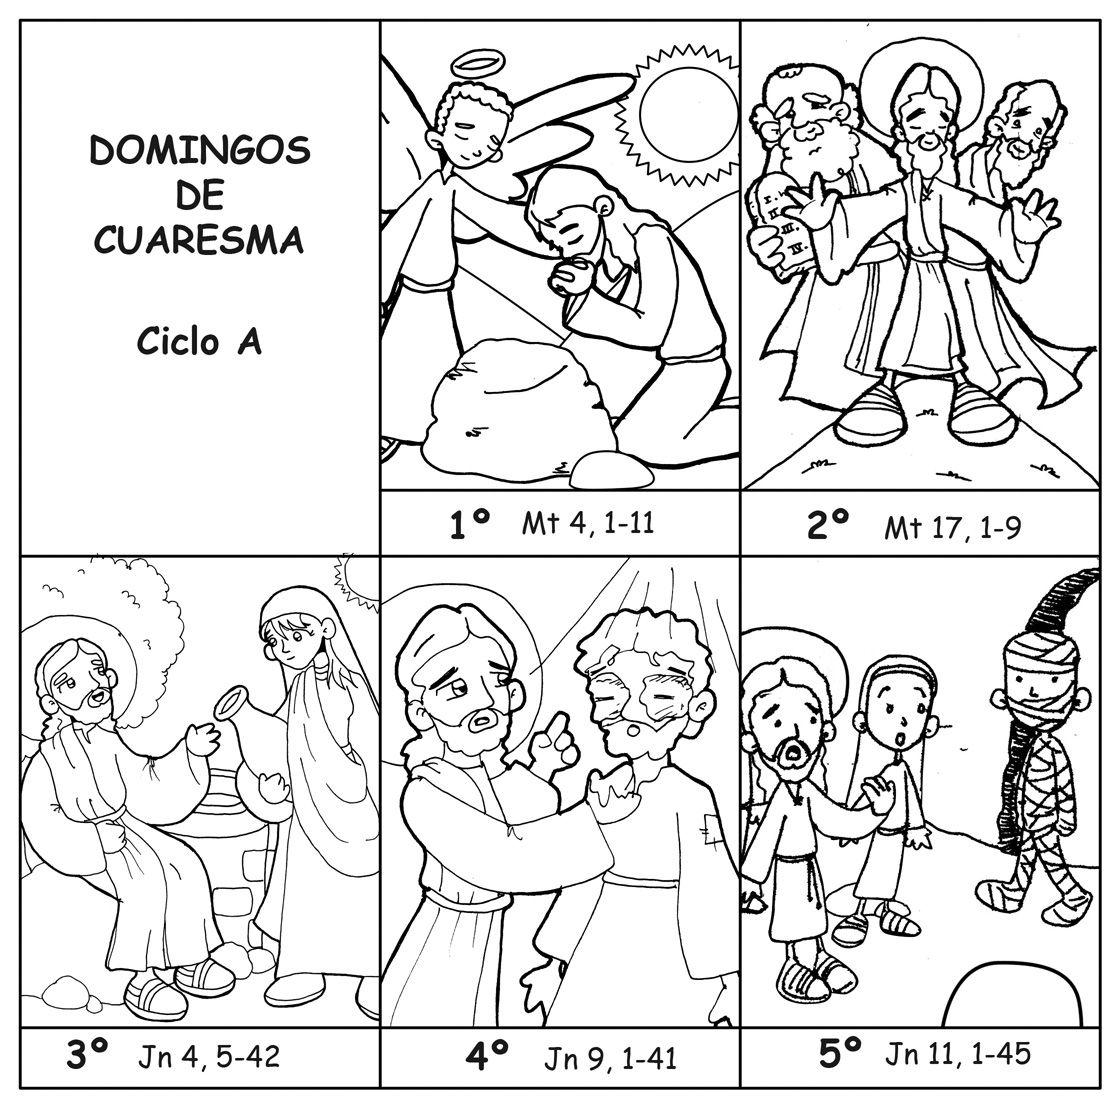 DOMINGOS DE CUARESMA – CICLO A para pintar.